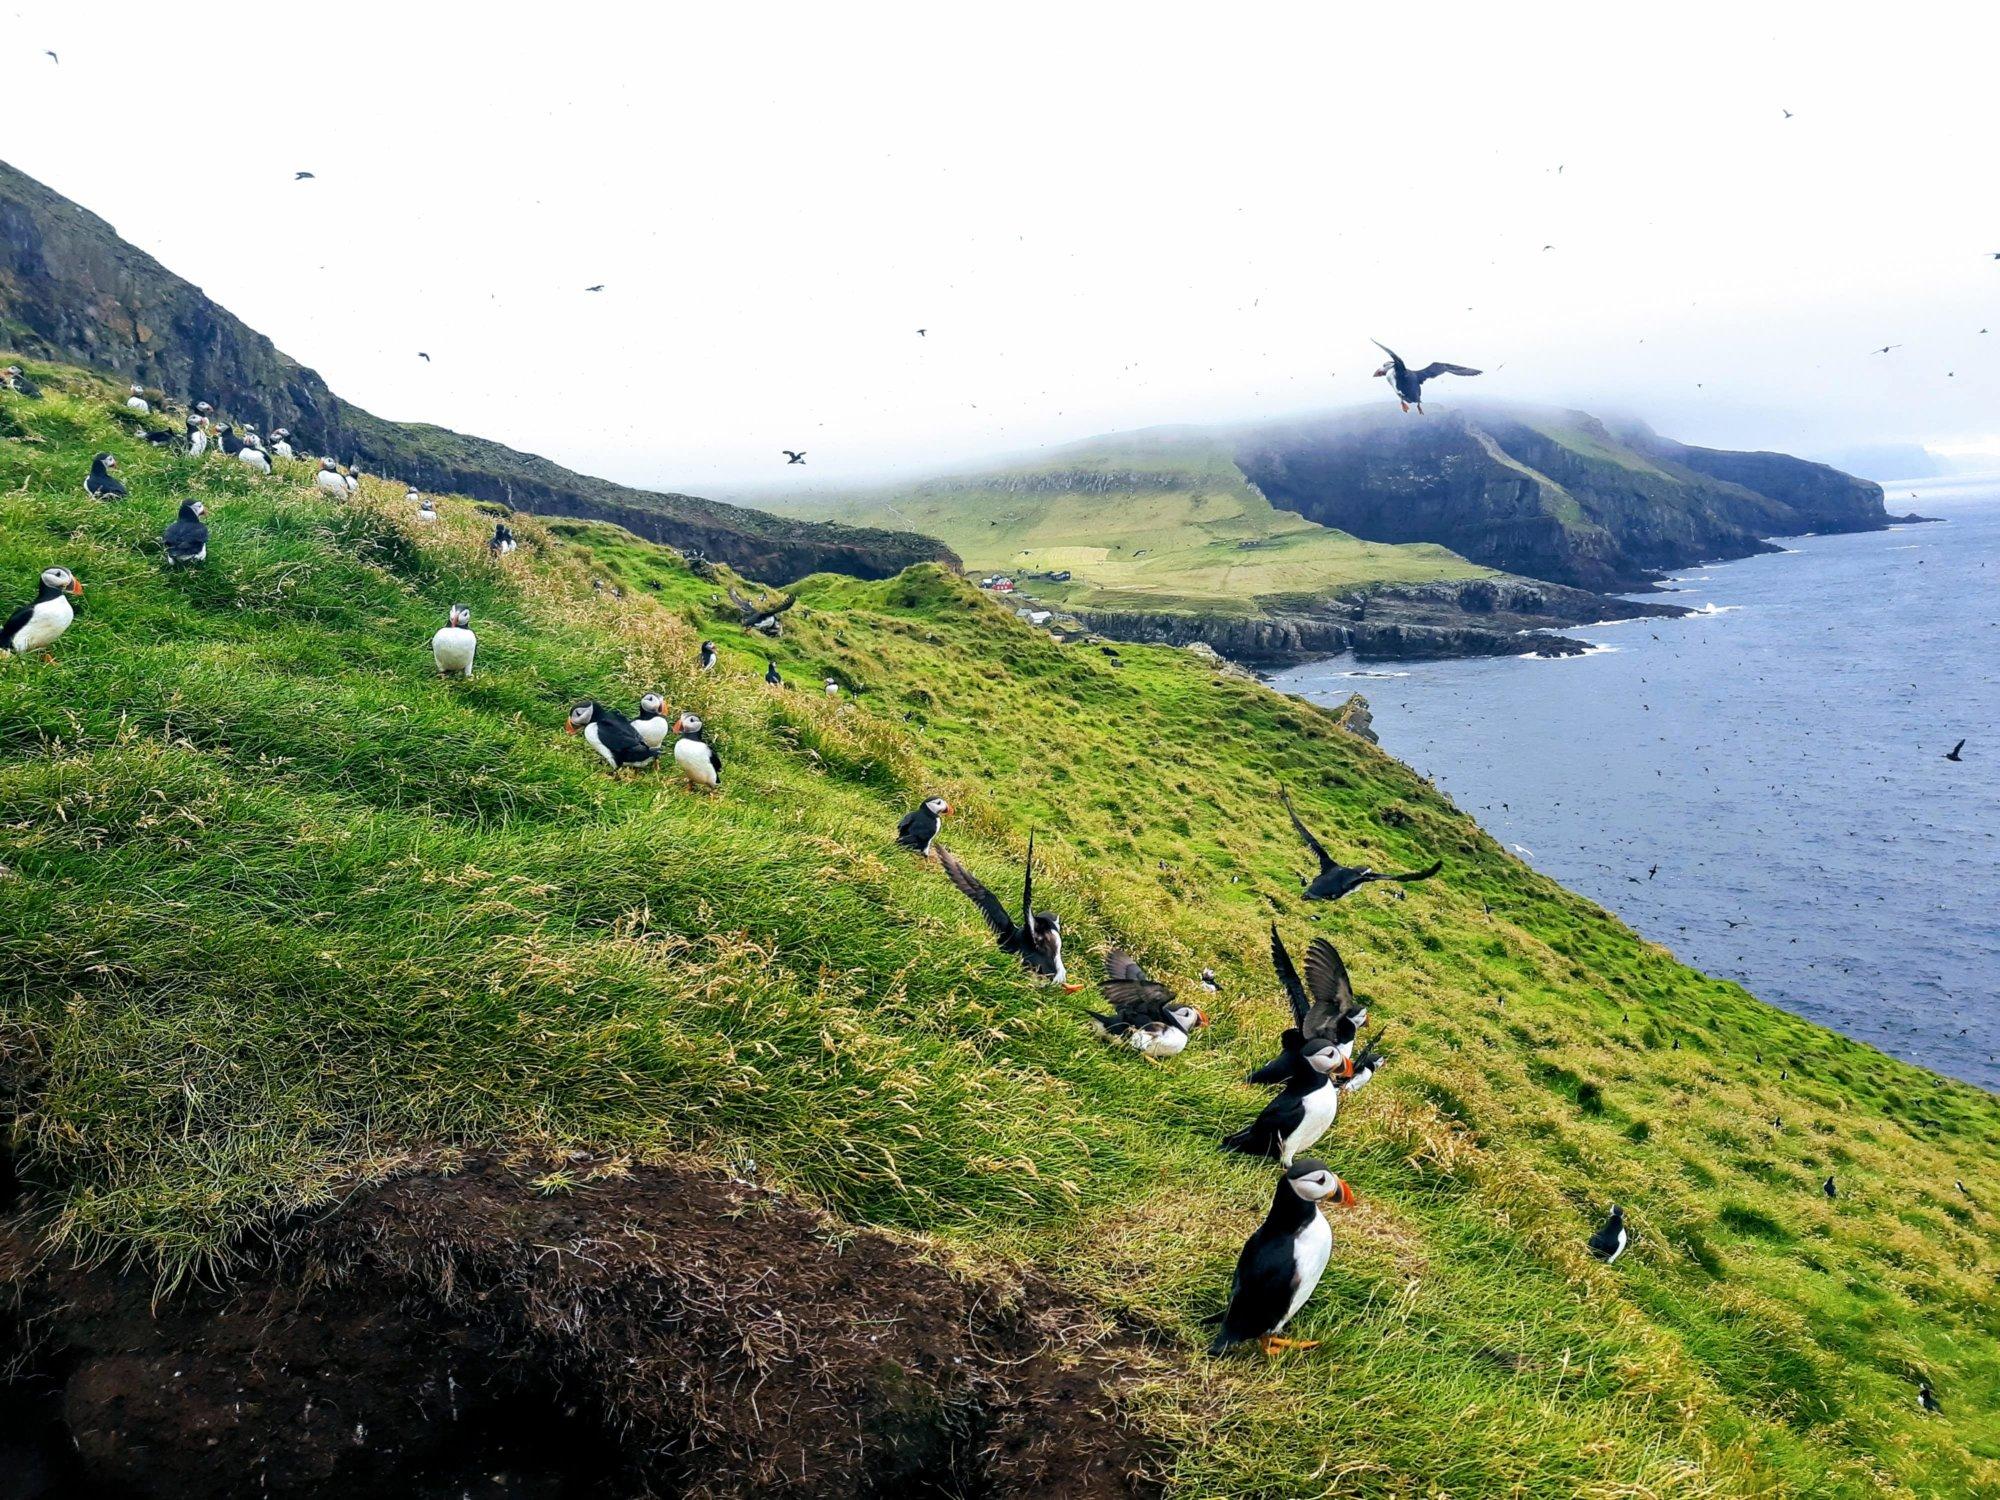 Tysiące maskonurów na wyspie Mykines